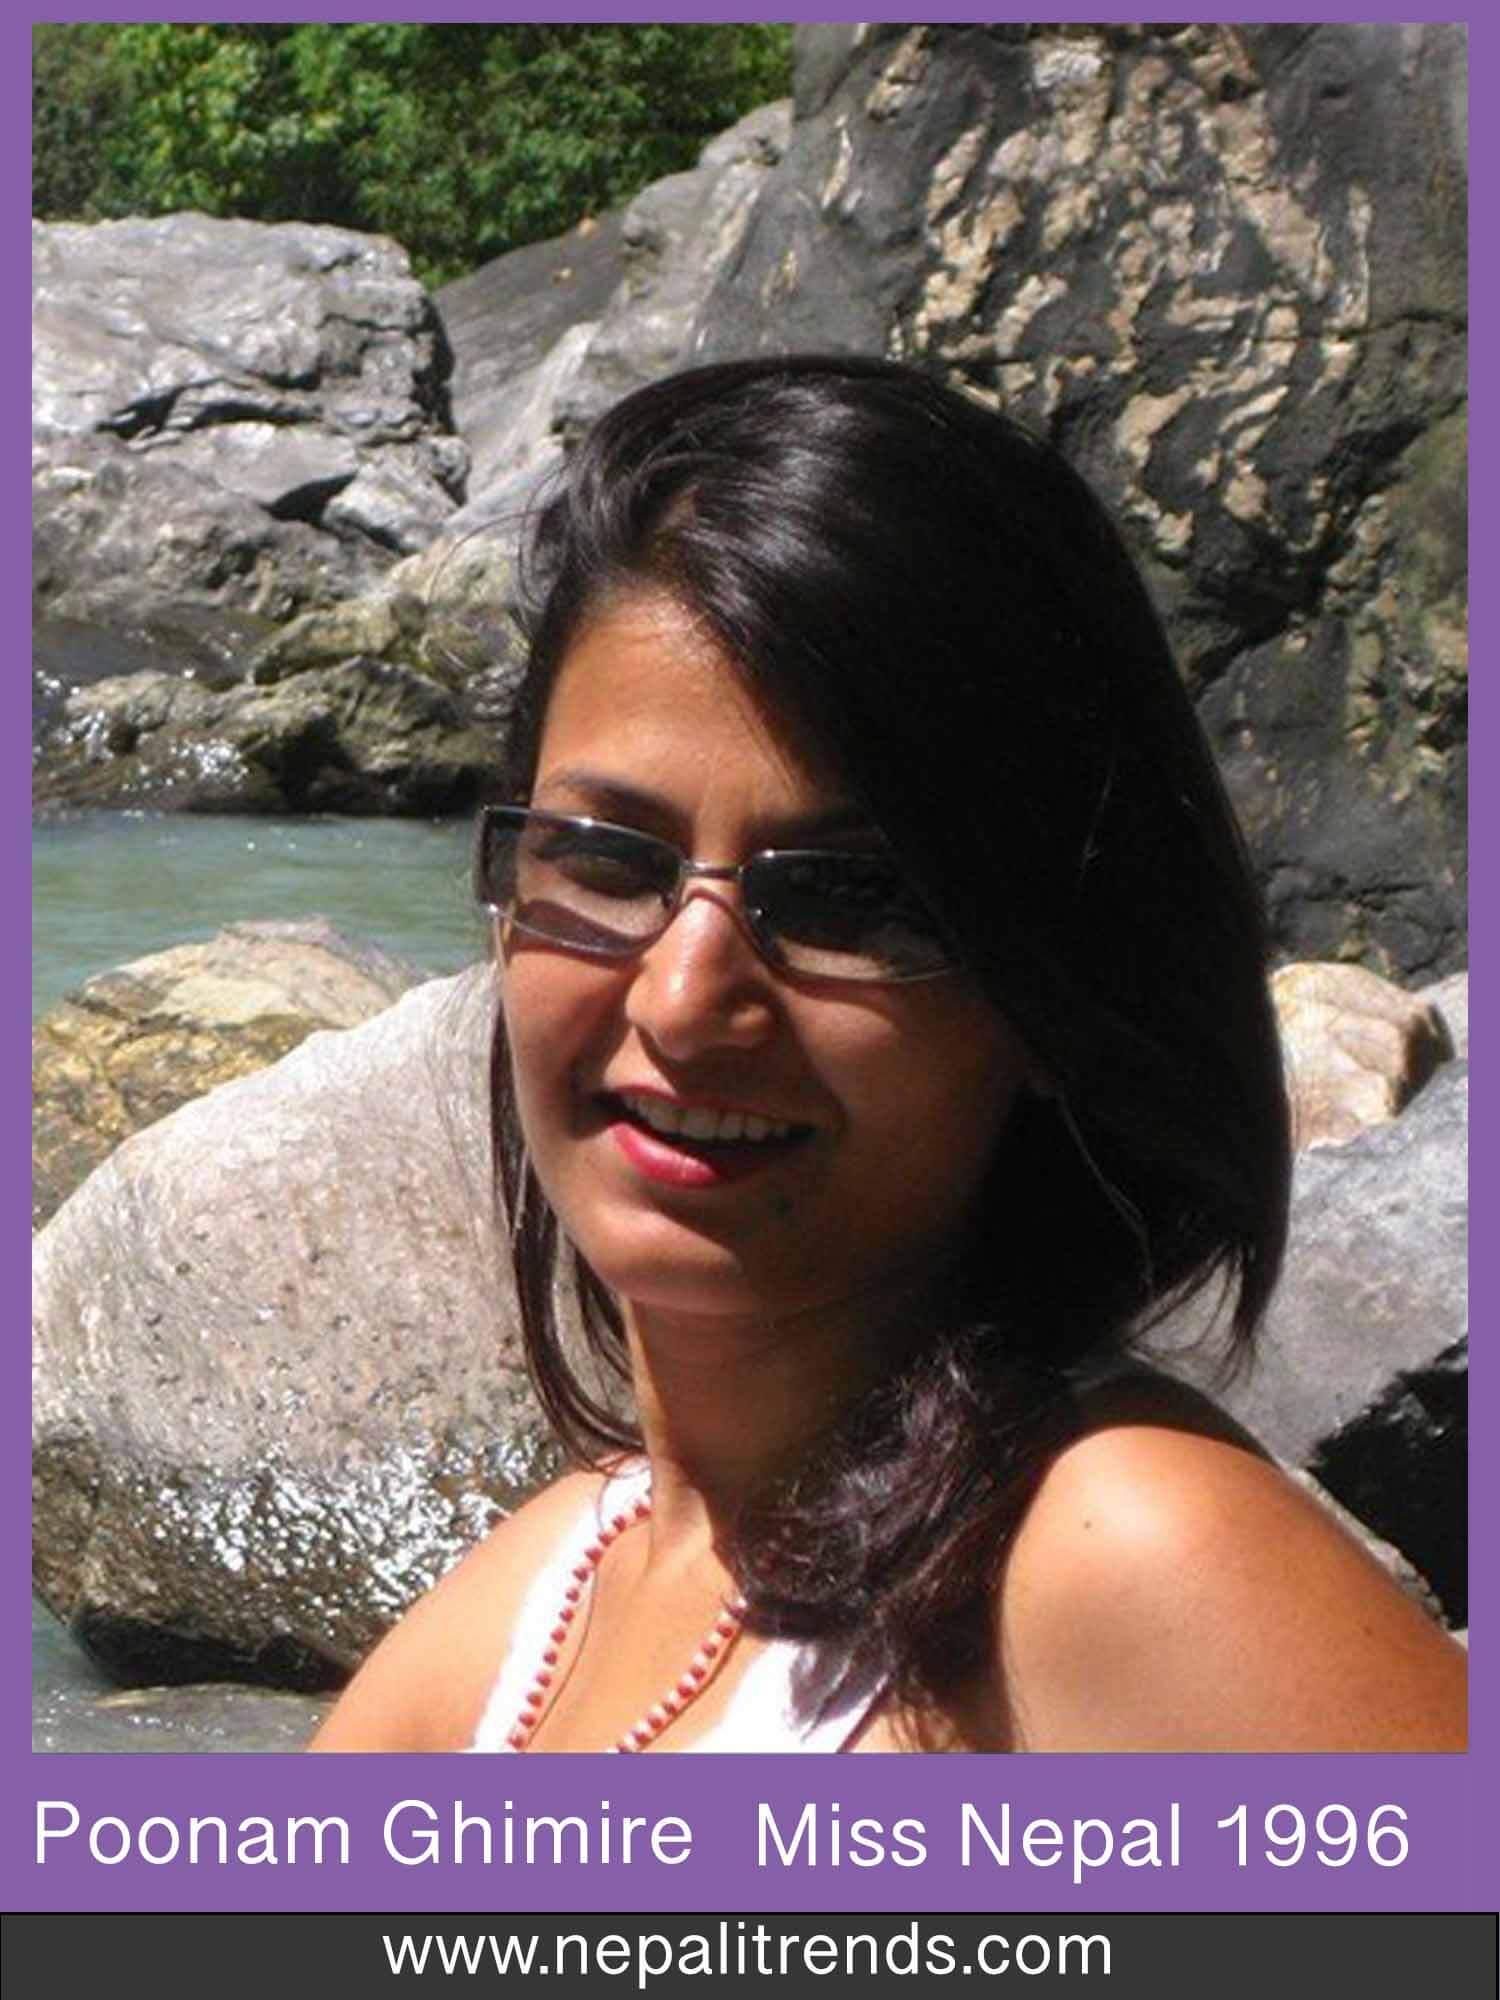 Poonam Ghimire Miss Nepal 1996